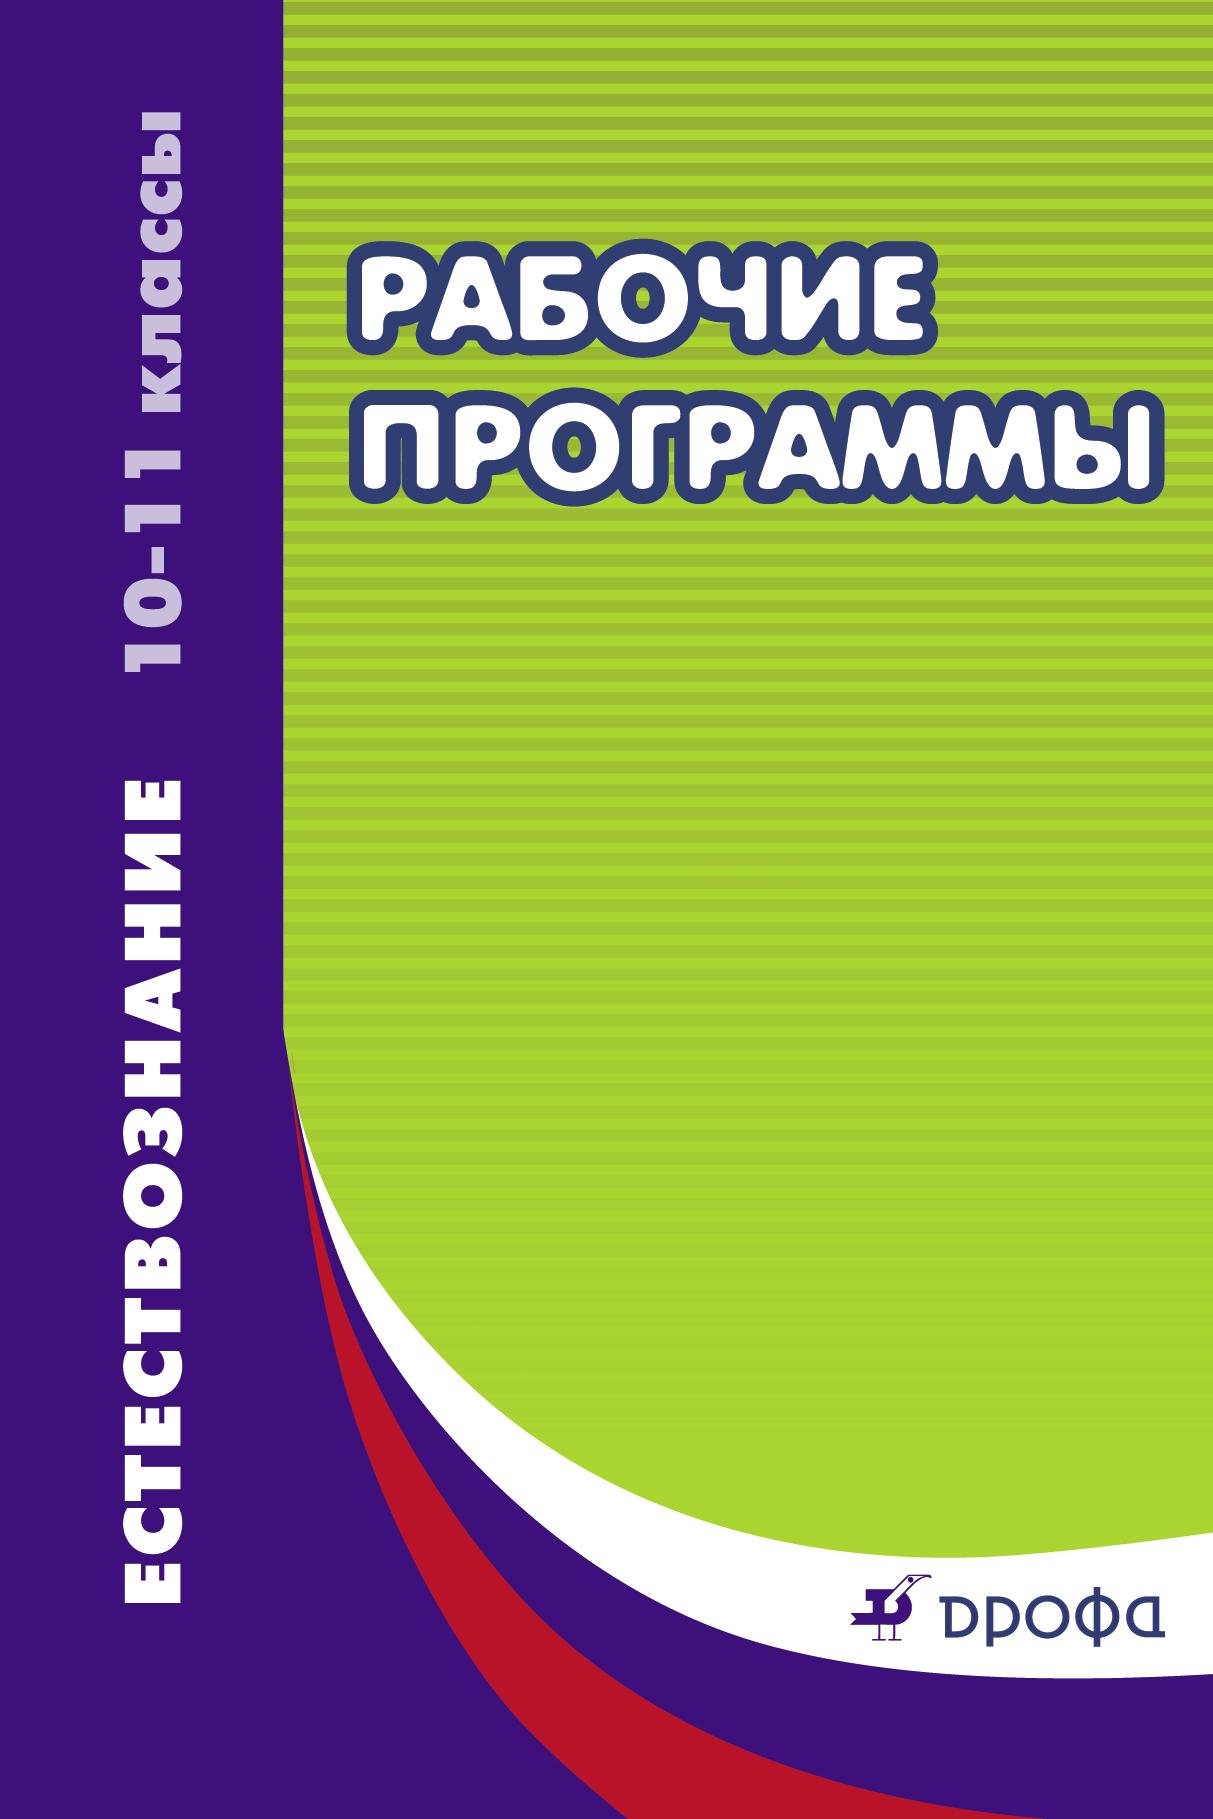 Рабочие программы. Естествознание.10—11 классы. Учебно-методическое пособие